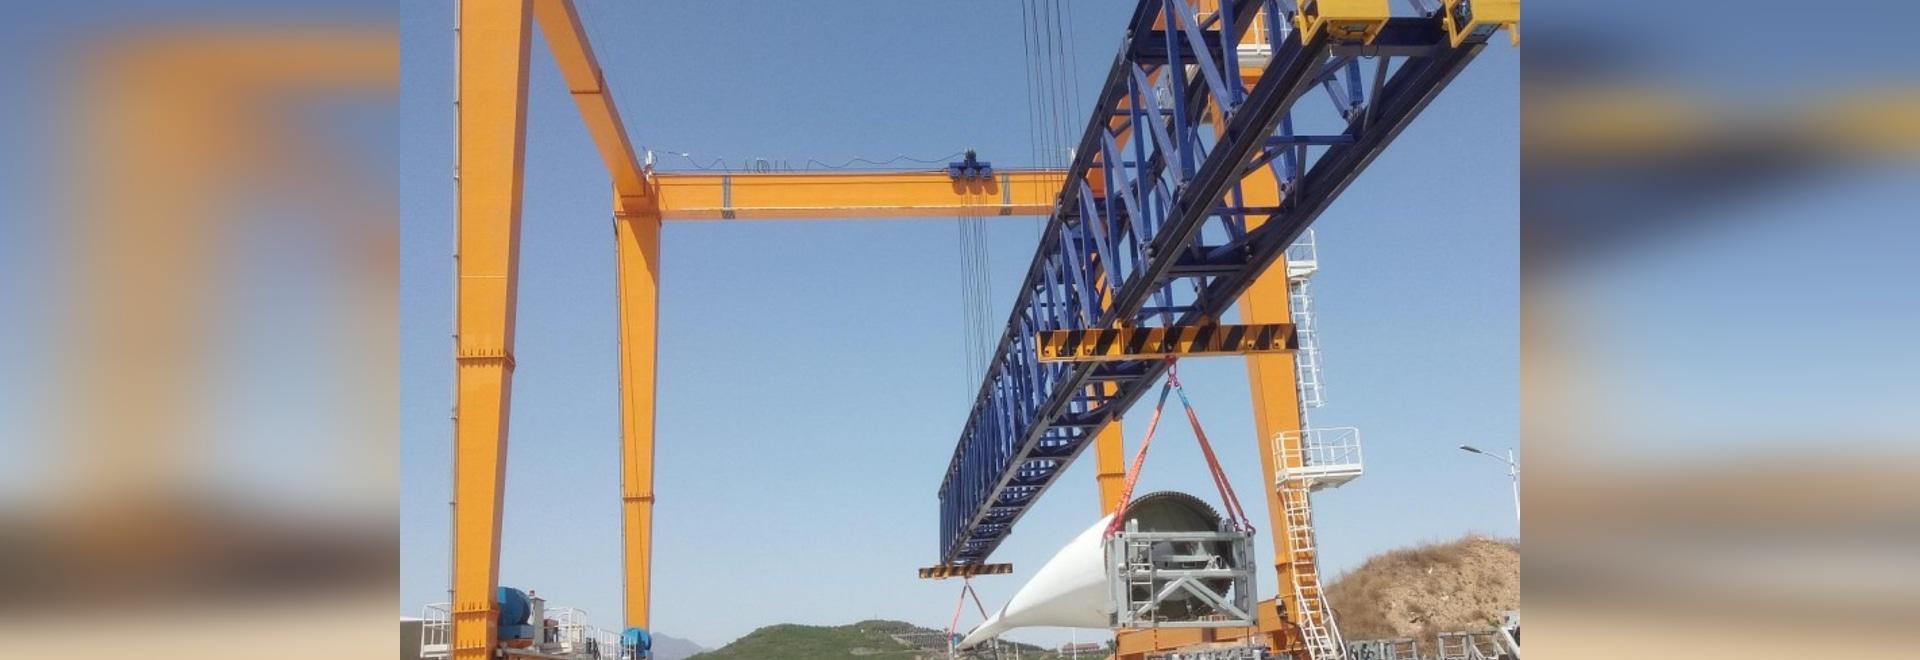 La carretilla puente para la cuchilla de elevación de la energía eólica